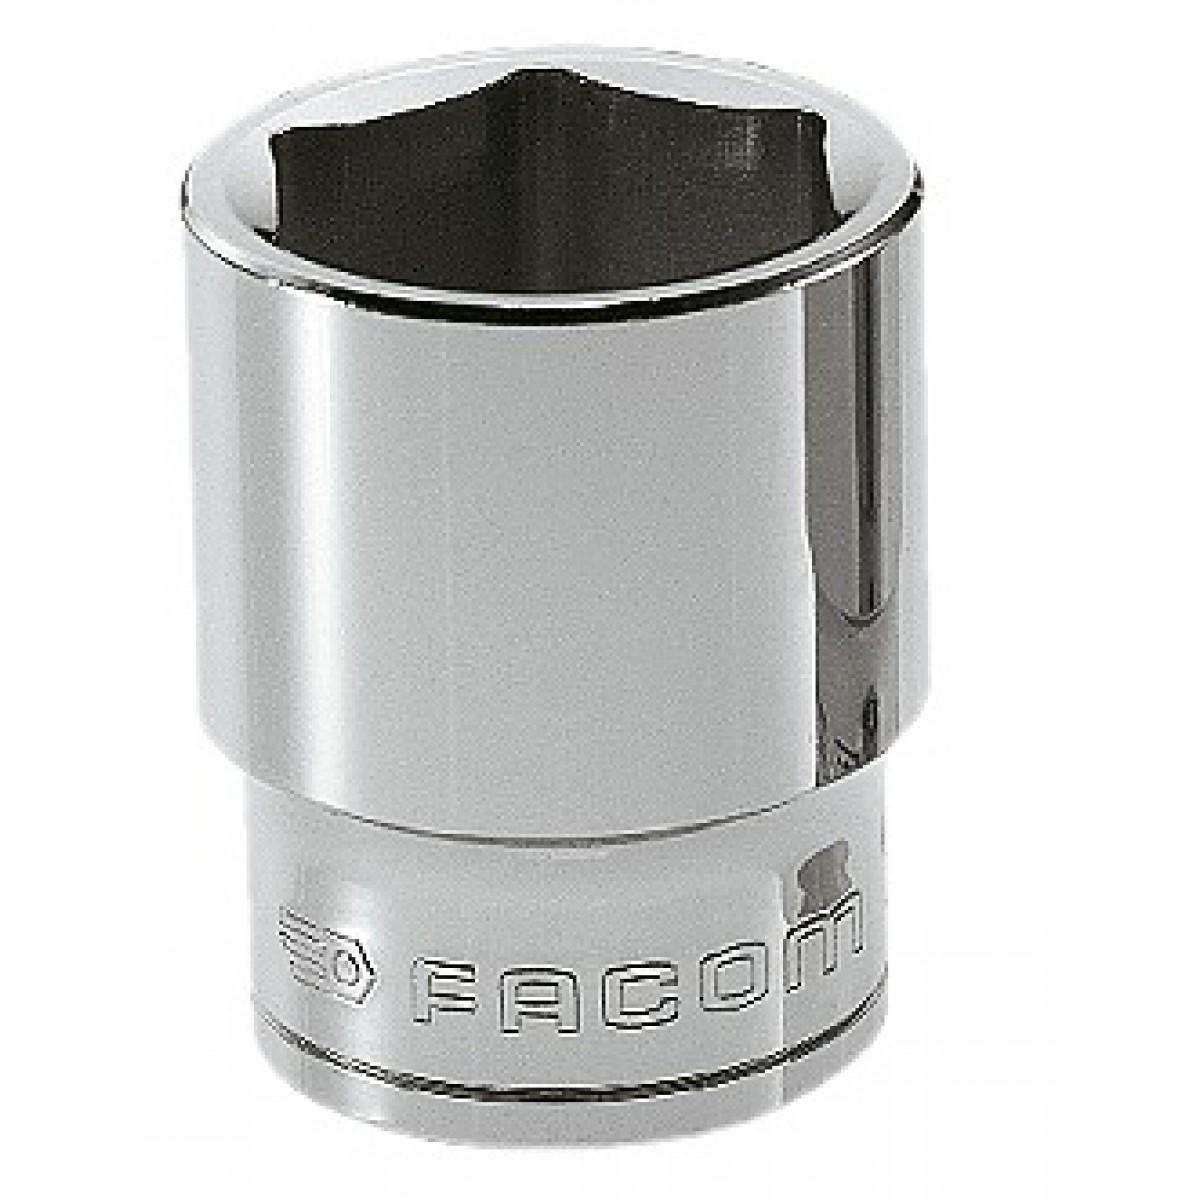 """Douille 6 pans OGV Standard 1/2"""" Facom - 18 mm"""